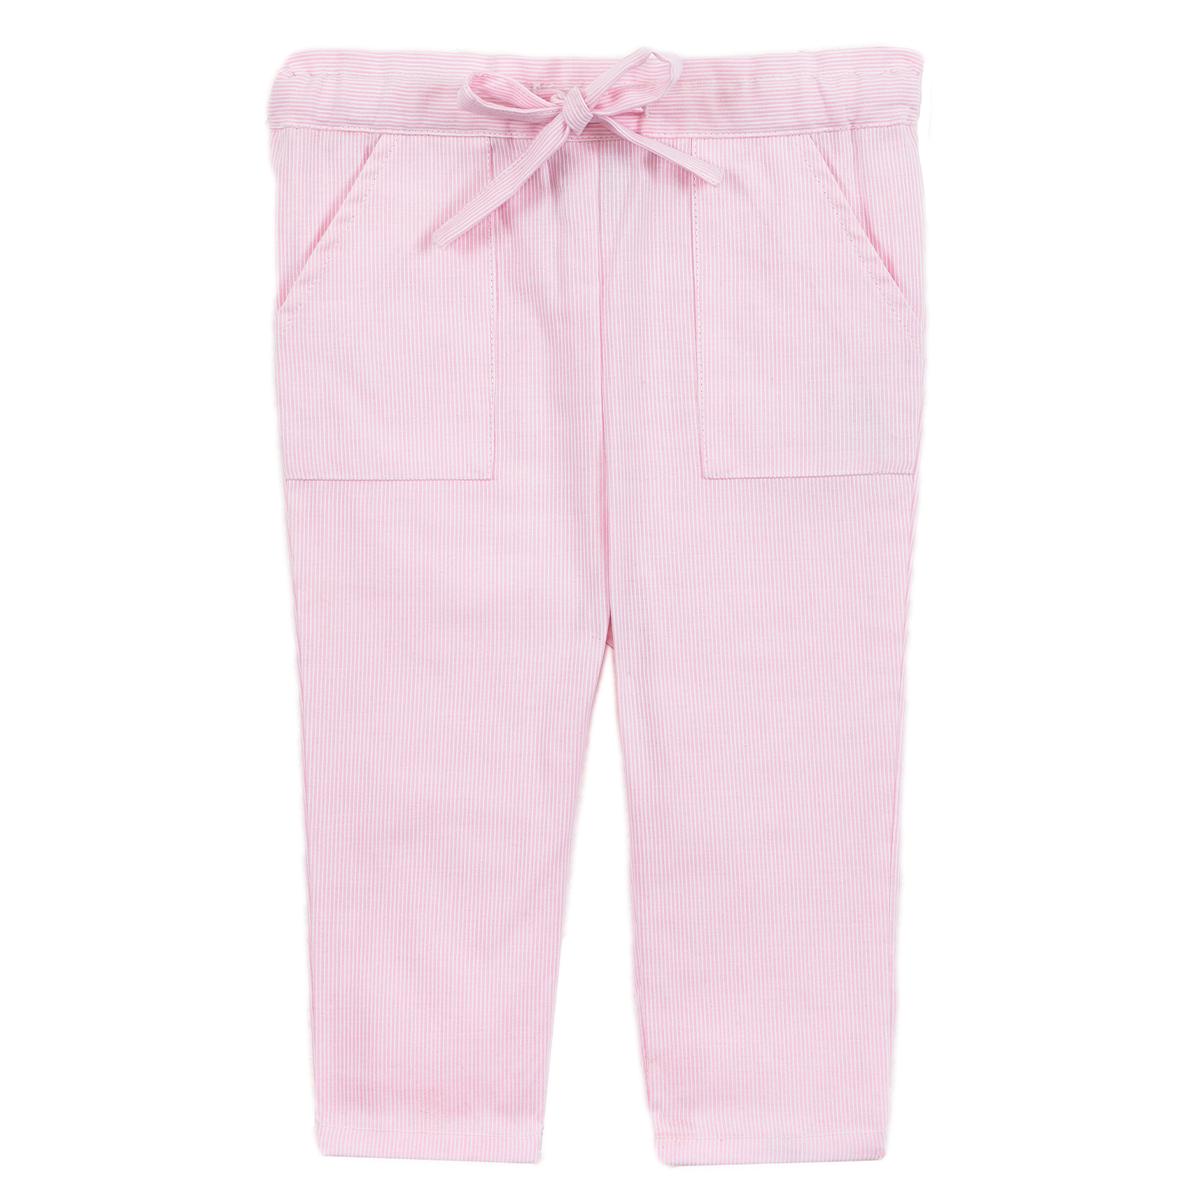 Pantalon bébé petites rayures roses